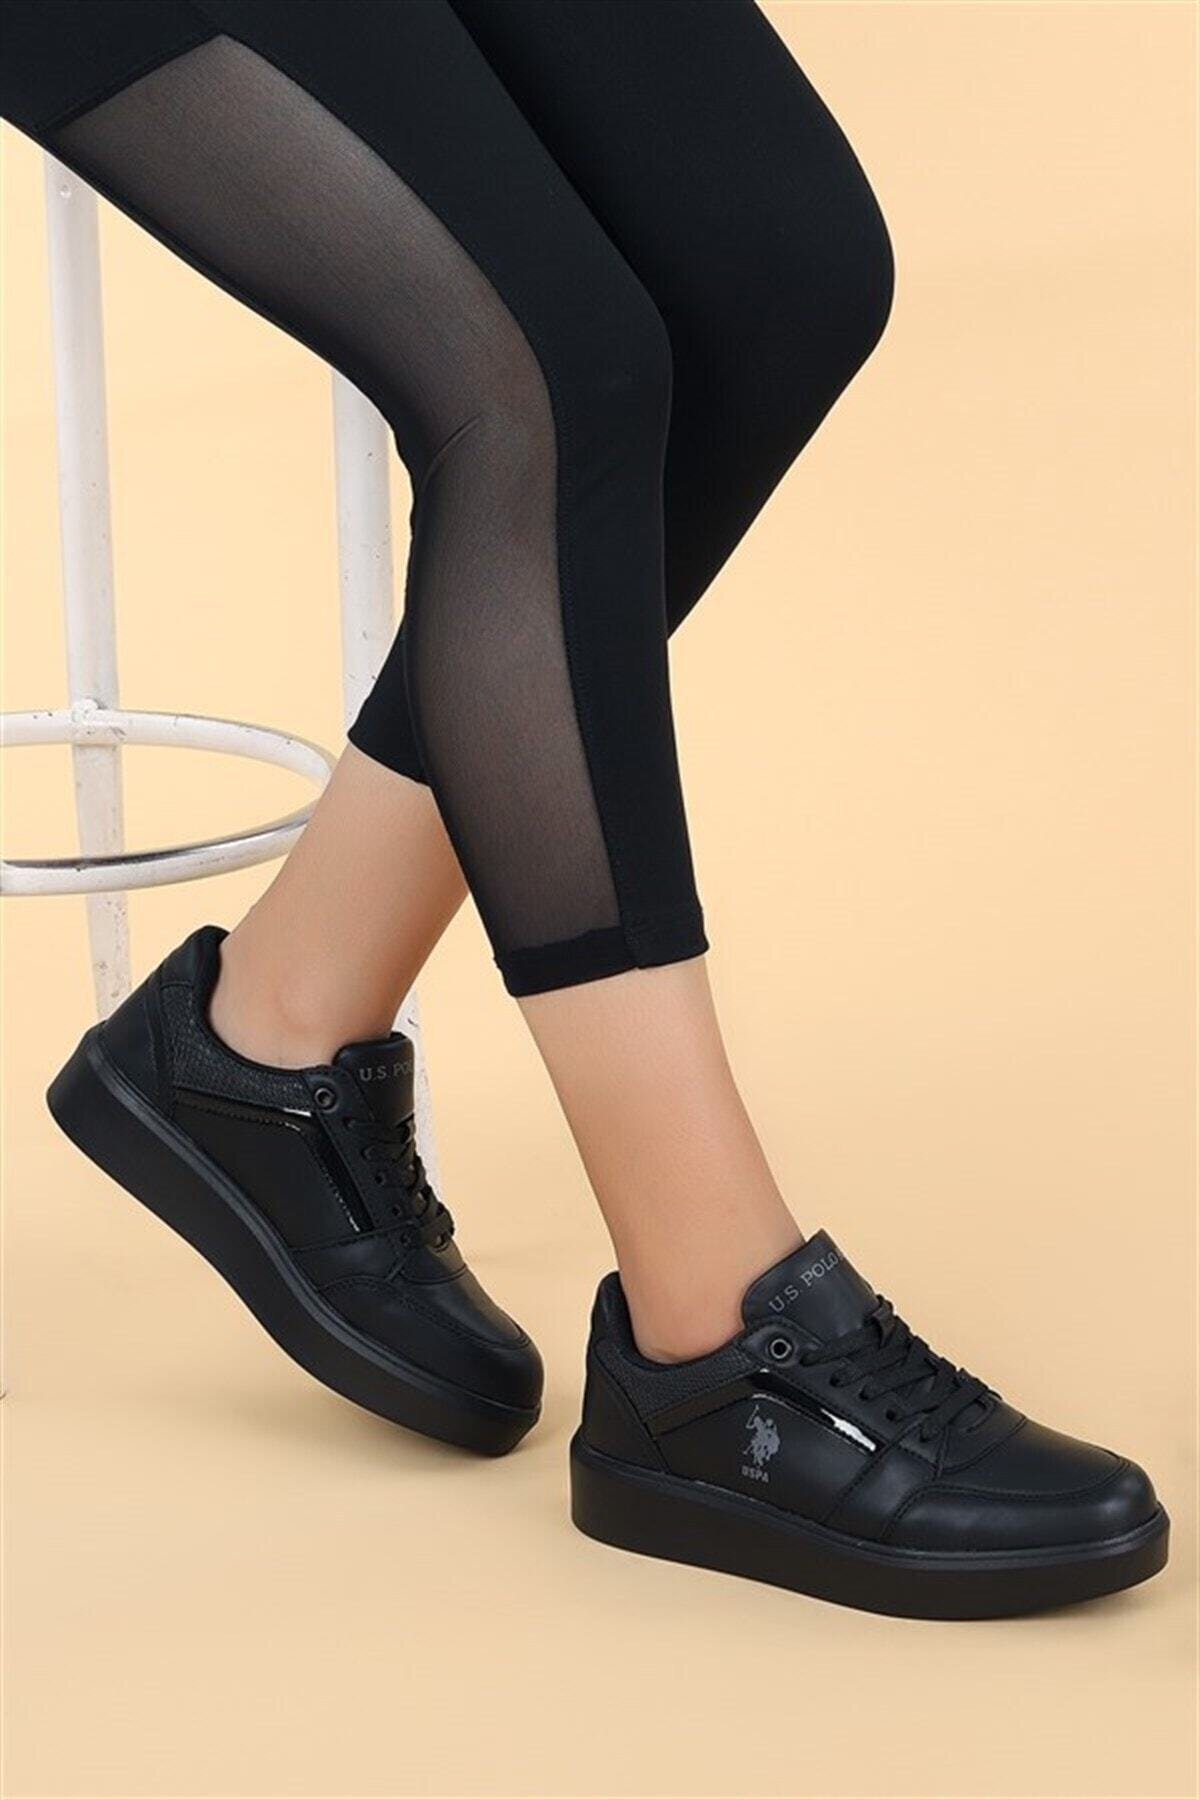 U.S. Polo Assn. U.s Polo Assn. Dazzle 100551338 Kadın Günlük Spor Ayakkabı 1